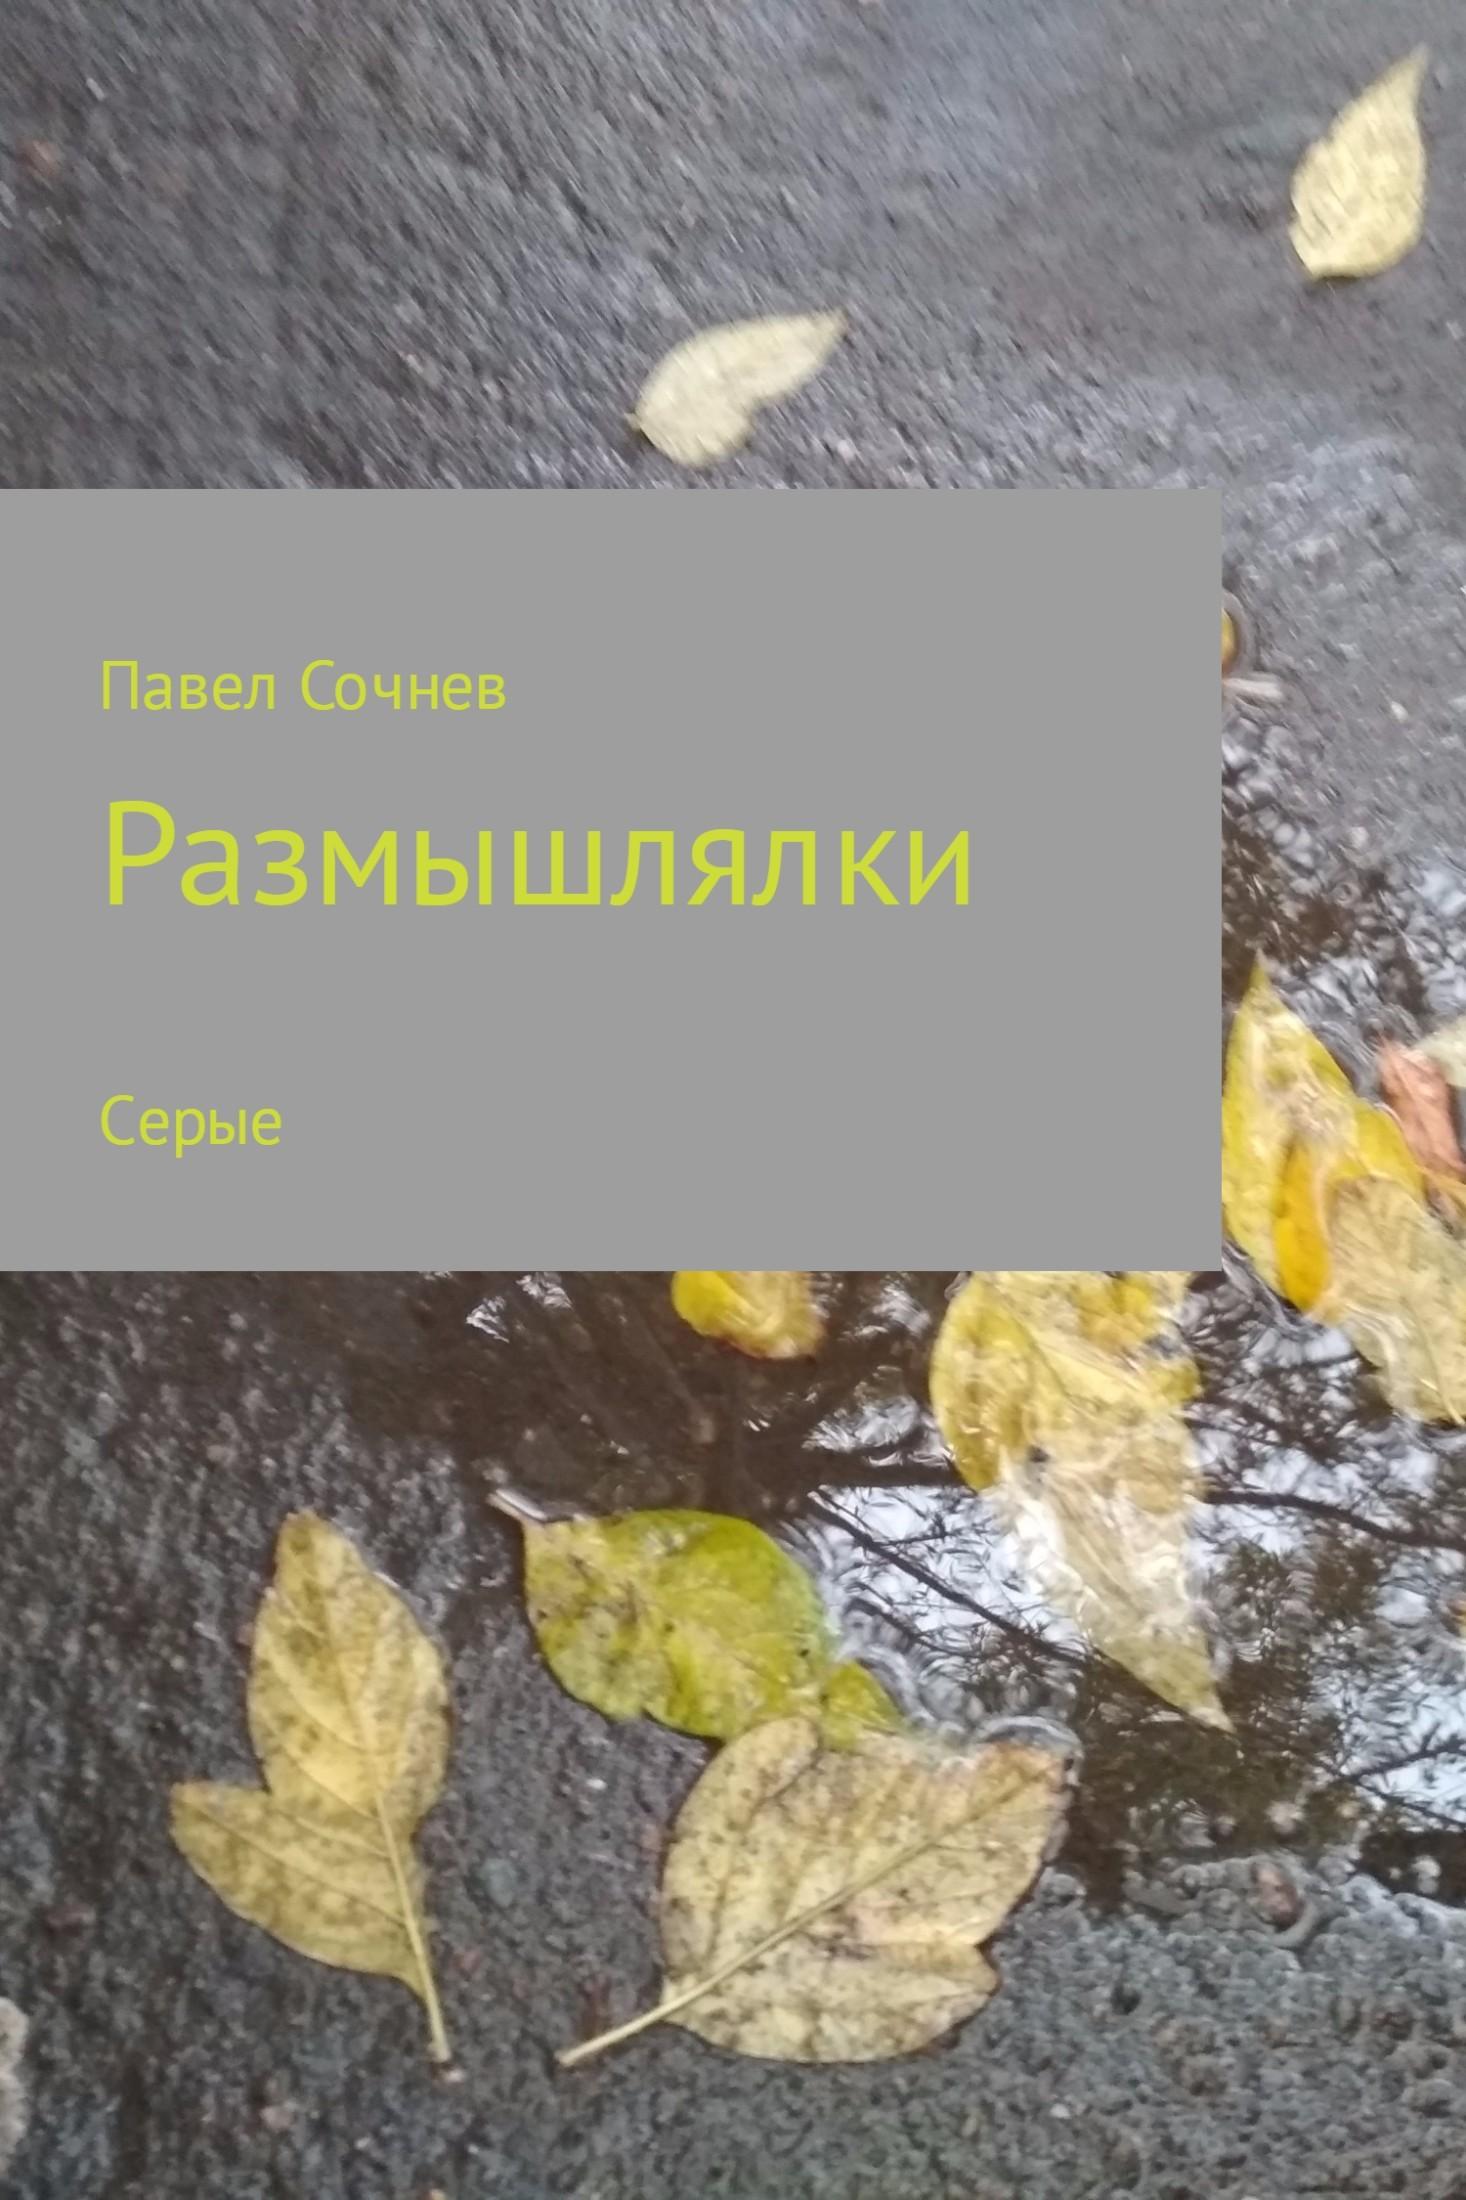 Павел Николаевич Сочнев. Размышлялки. Небо, смена, осень, сон и другие. Сборник